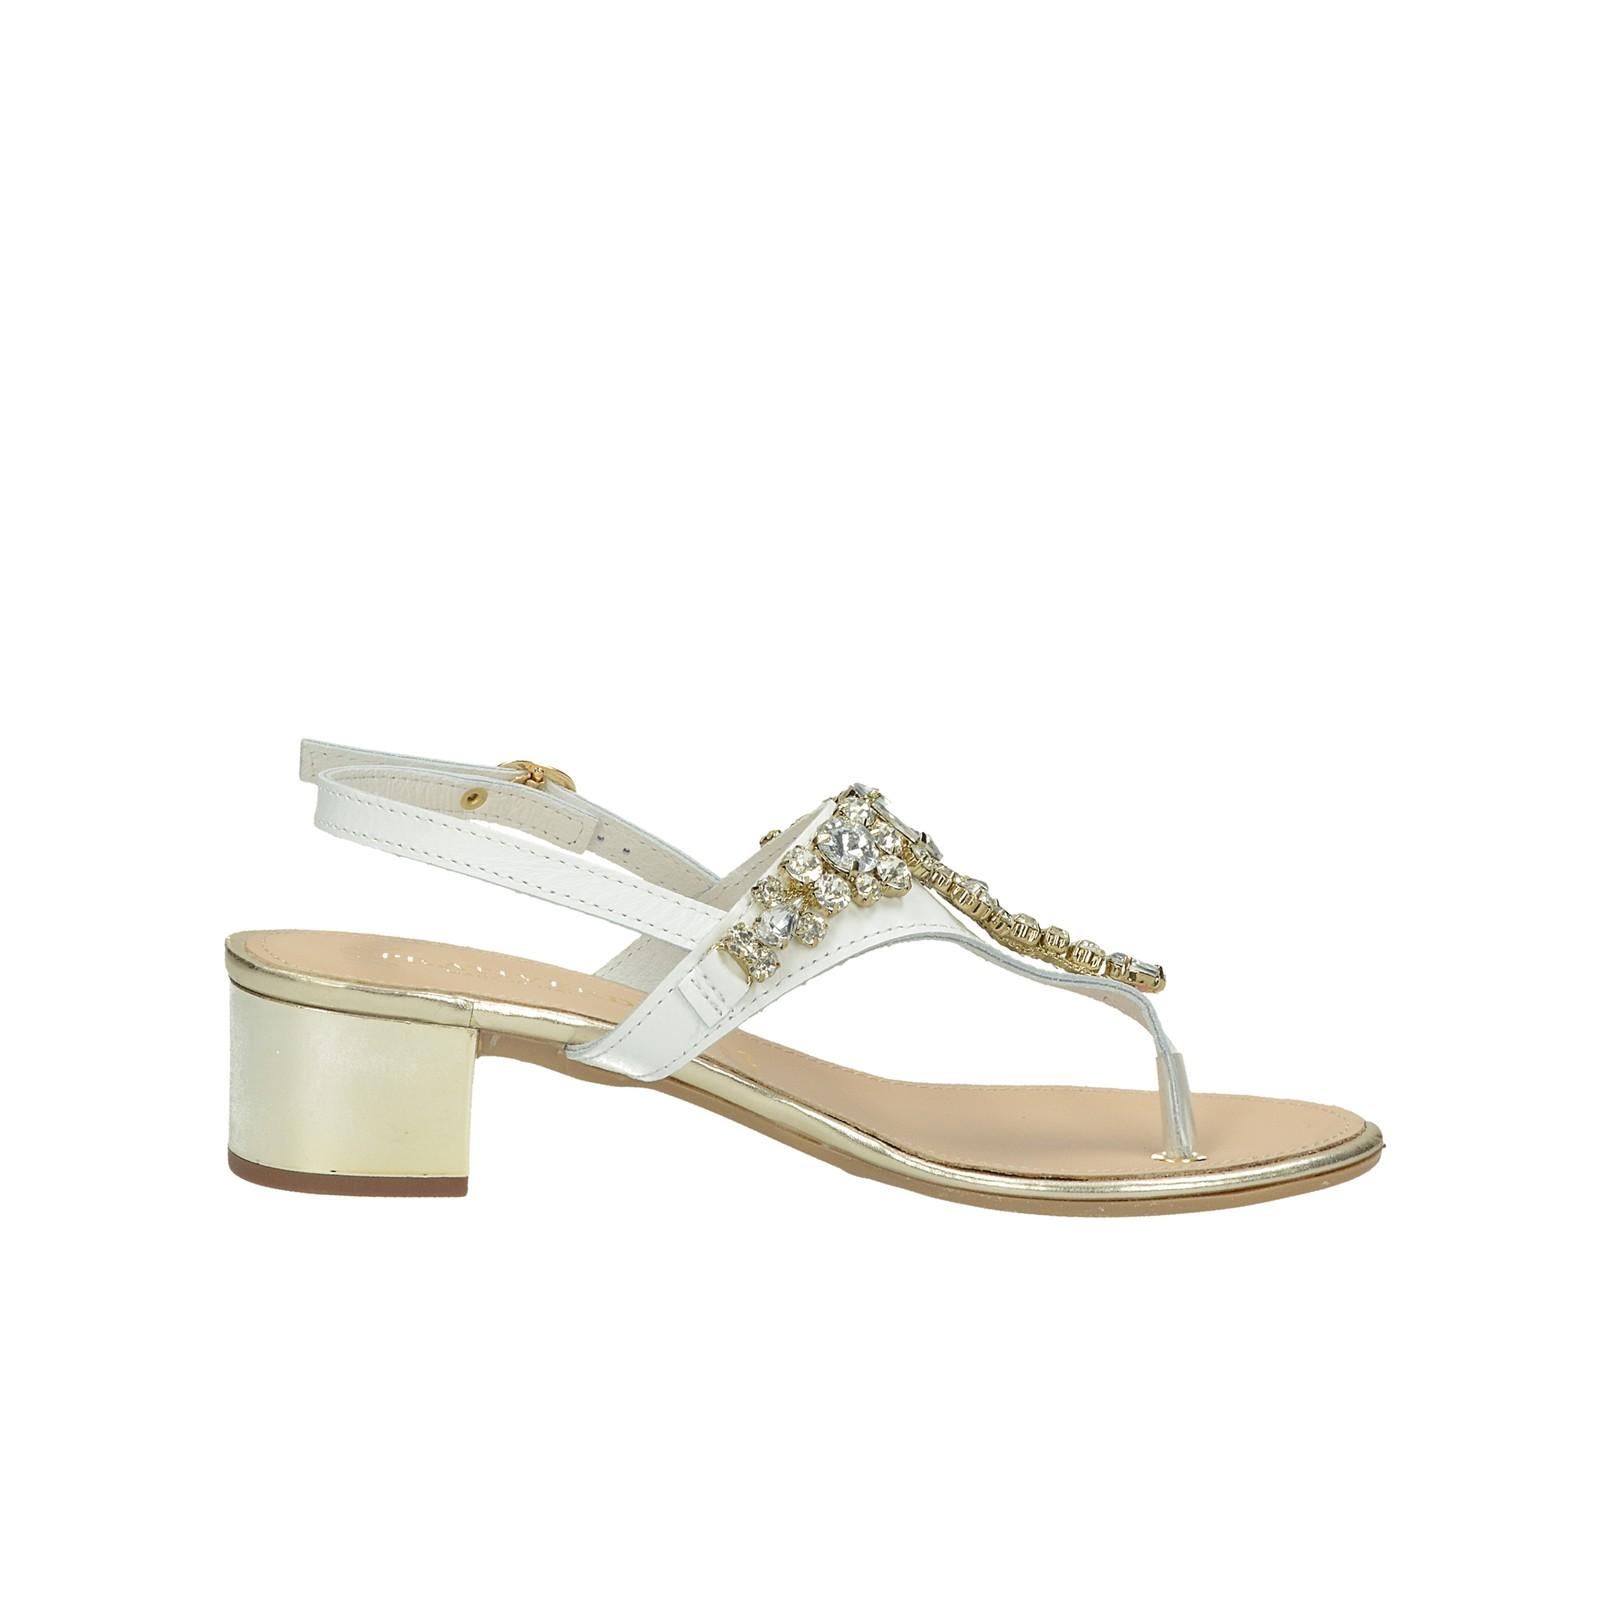 Prativerdi dámske elegantné sandále s ozdobnými kamienkami - biele